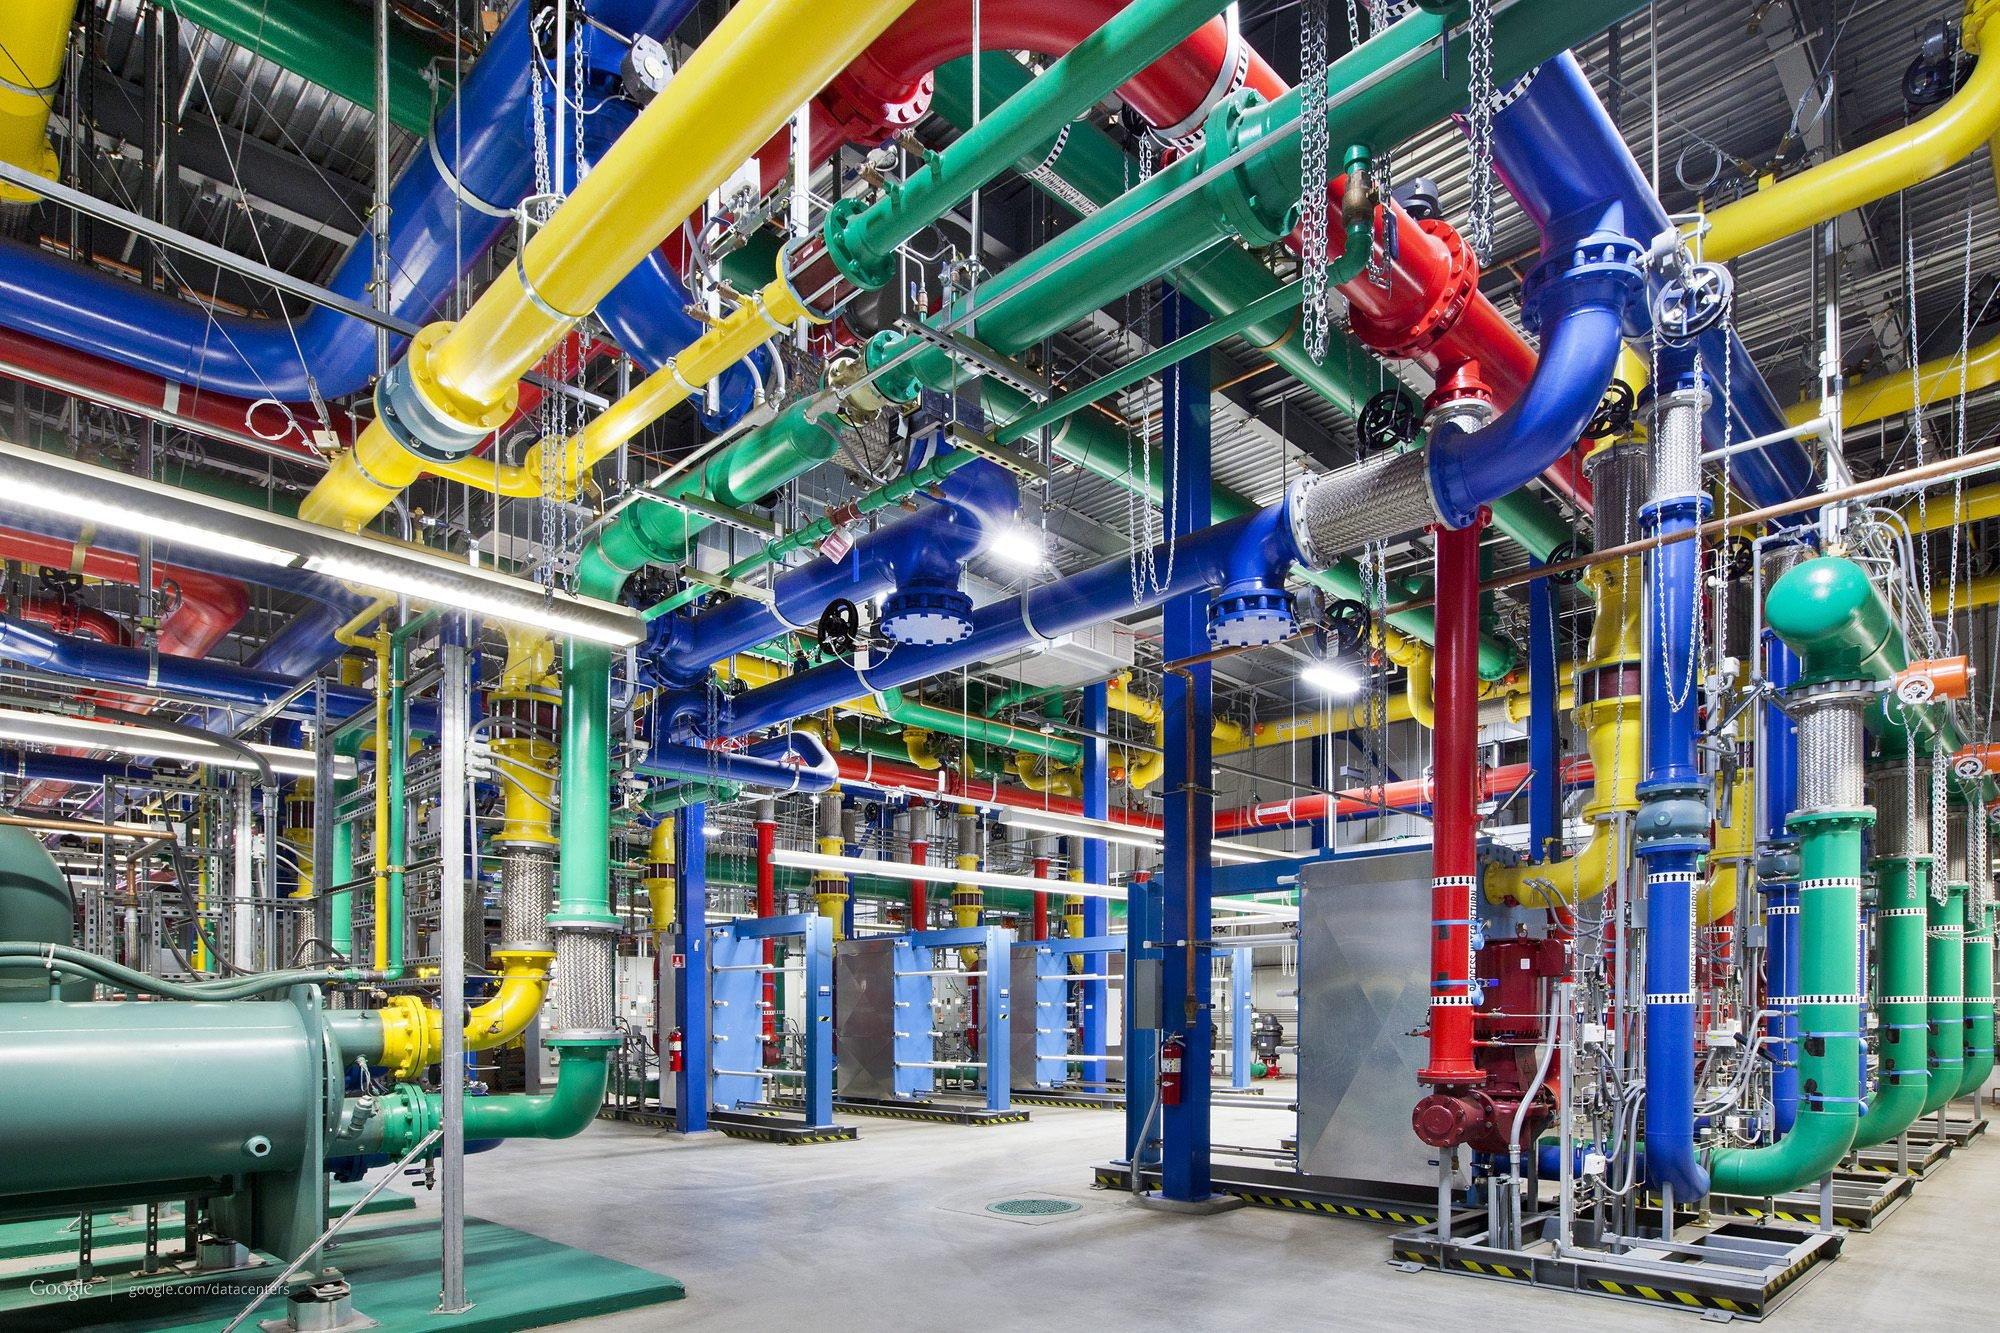 Google Data Center: Der Internetriese investiert in verschiedene Projekte, um das Netz für seine Nutzer schneller und zuverlässiger zu machen.